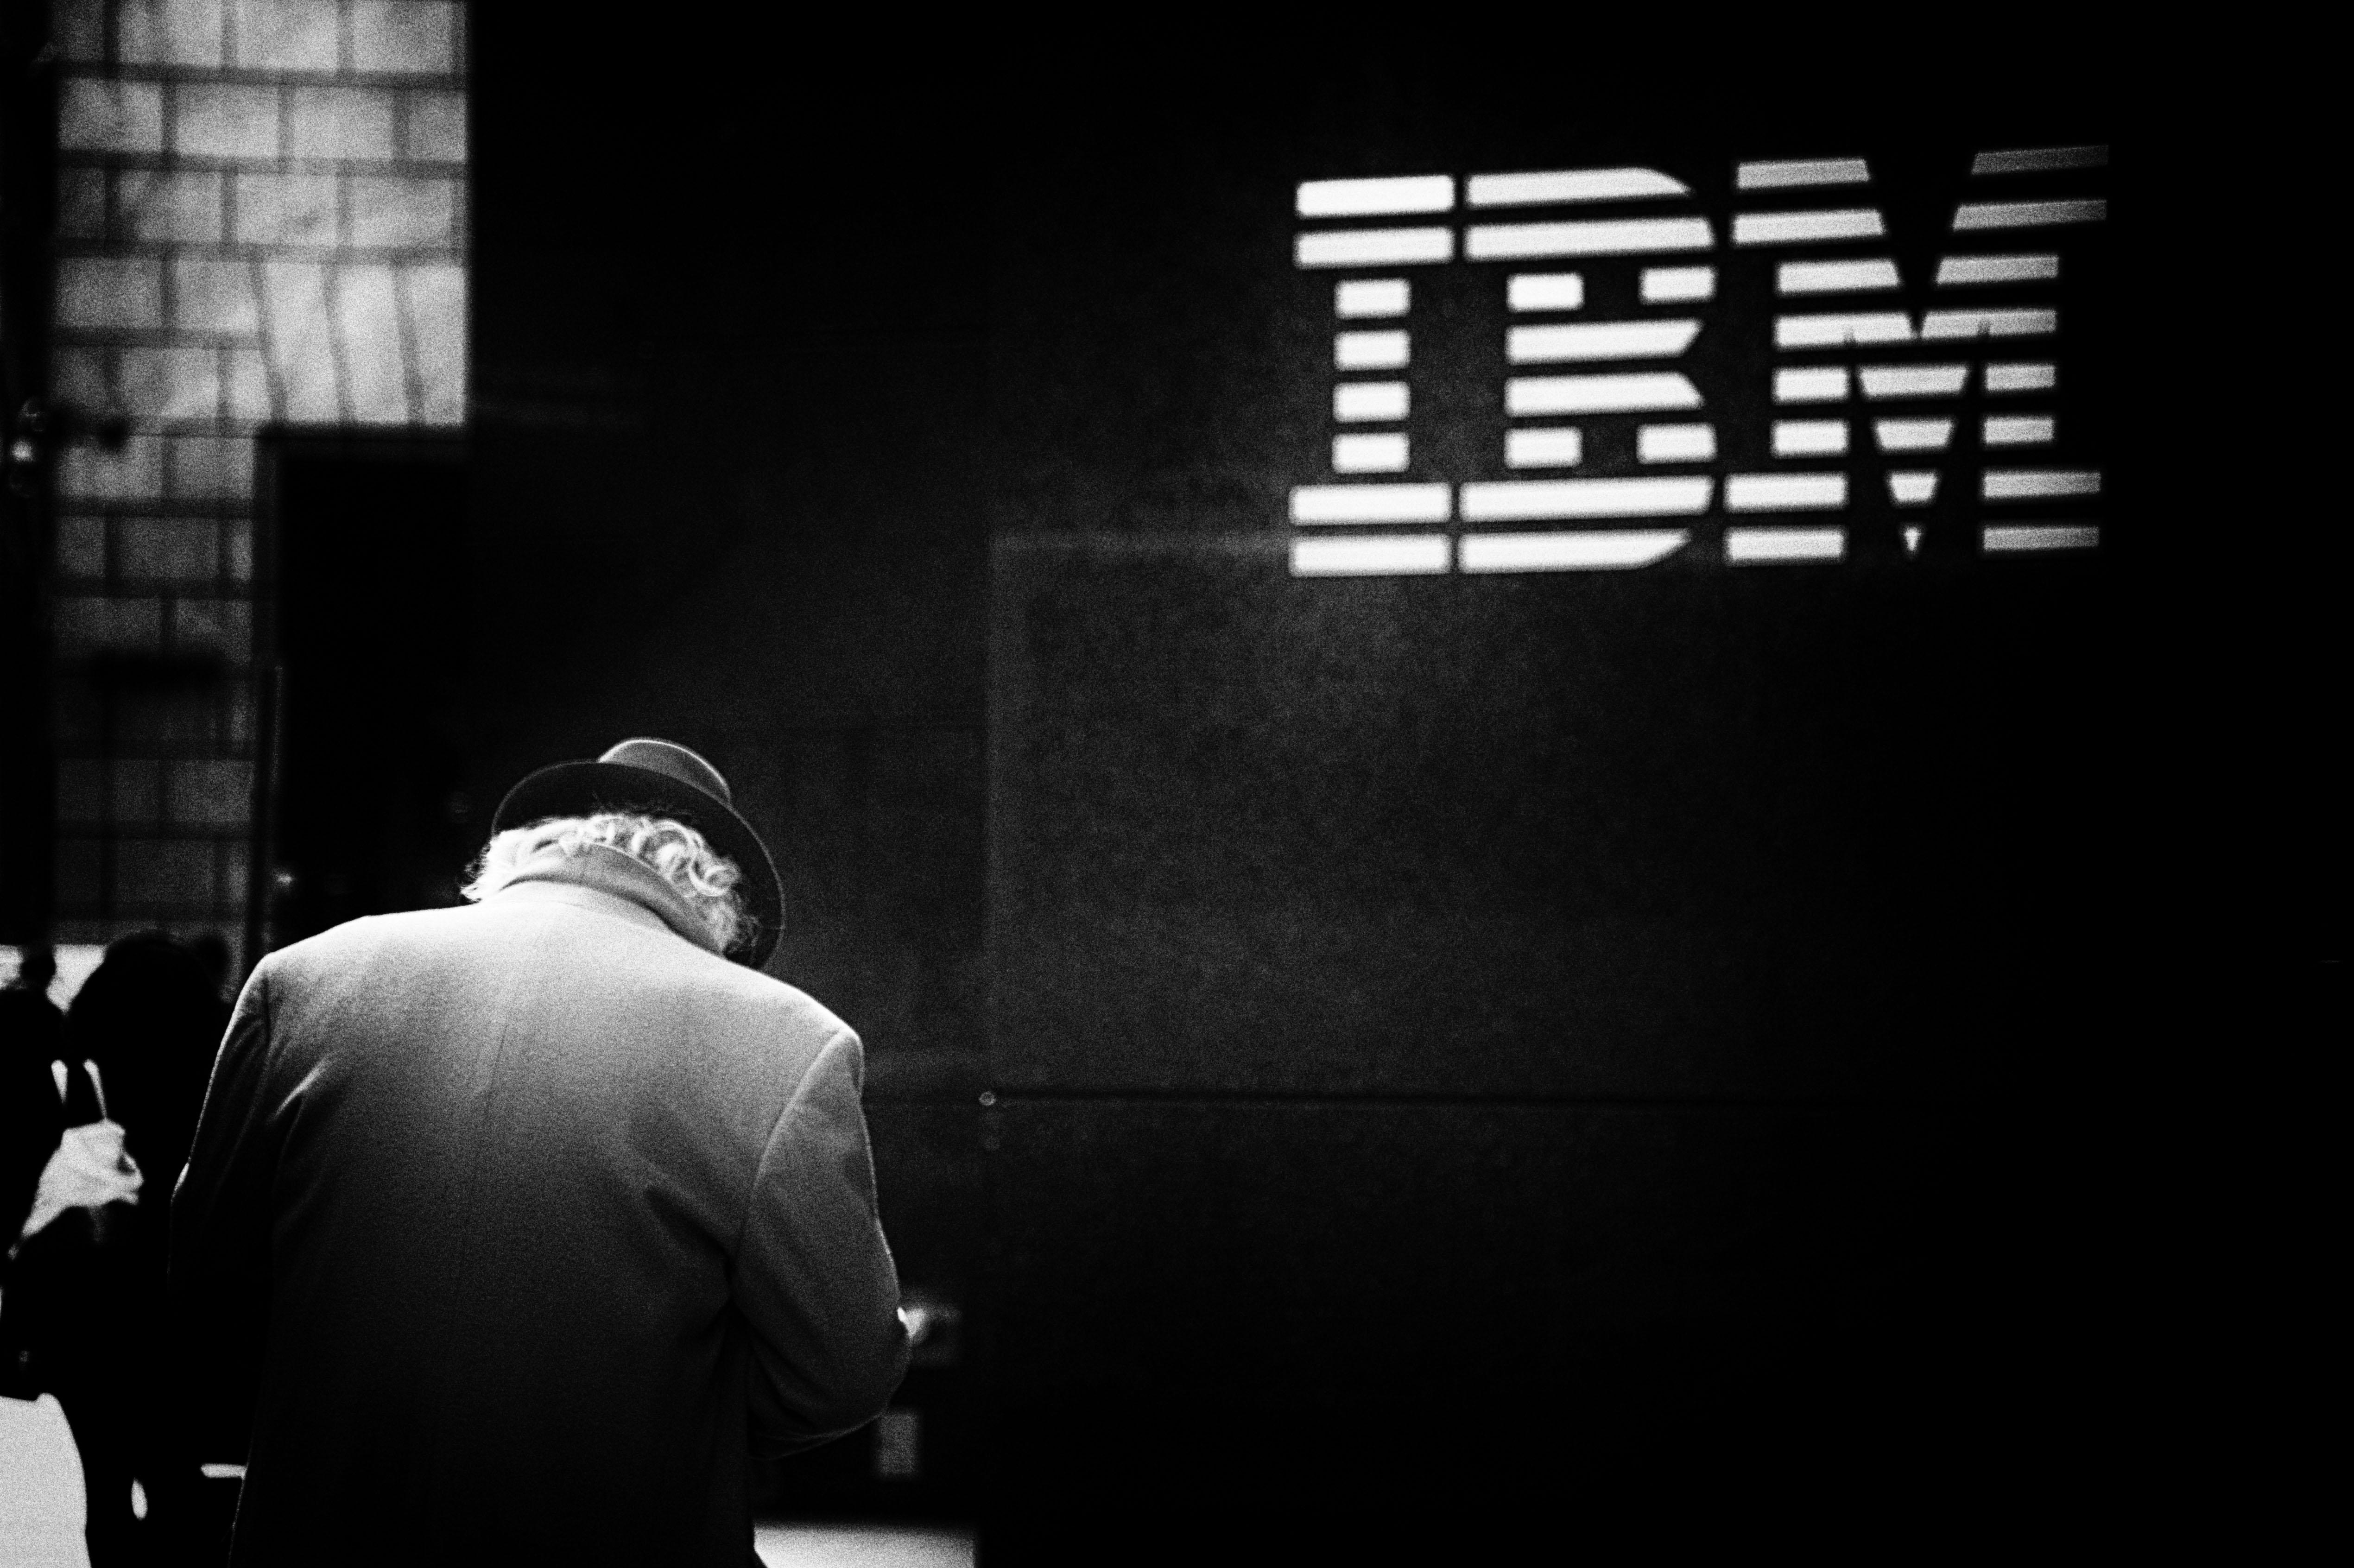 デスクトップ壁紙 帽子 キヤノン アメリカ合衆国 バック Ibm 黒